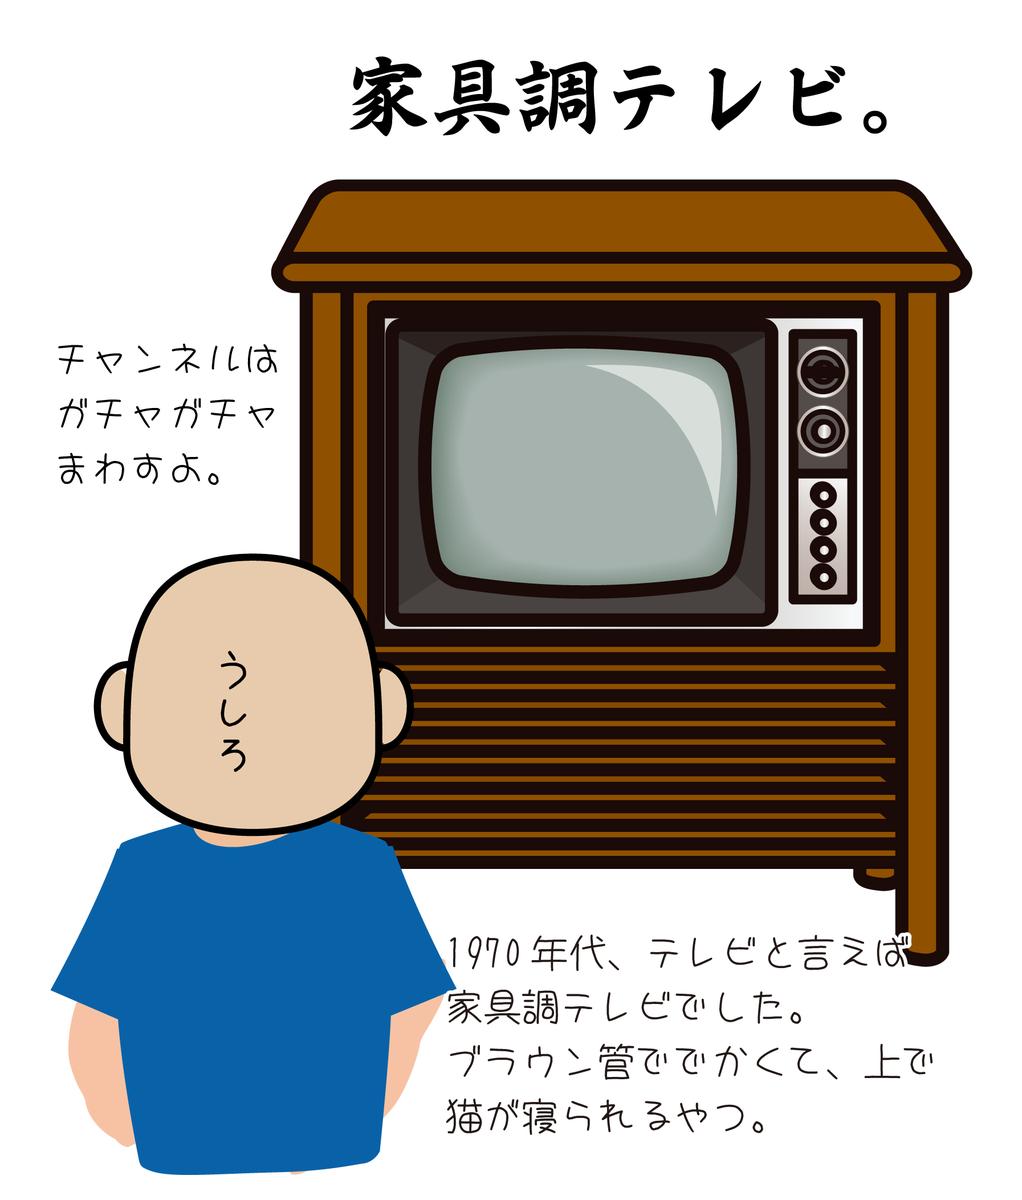 f:id:oji-3:20201128164629p:plain